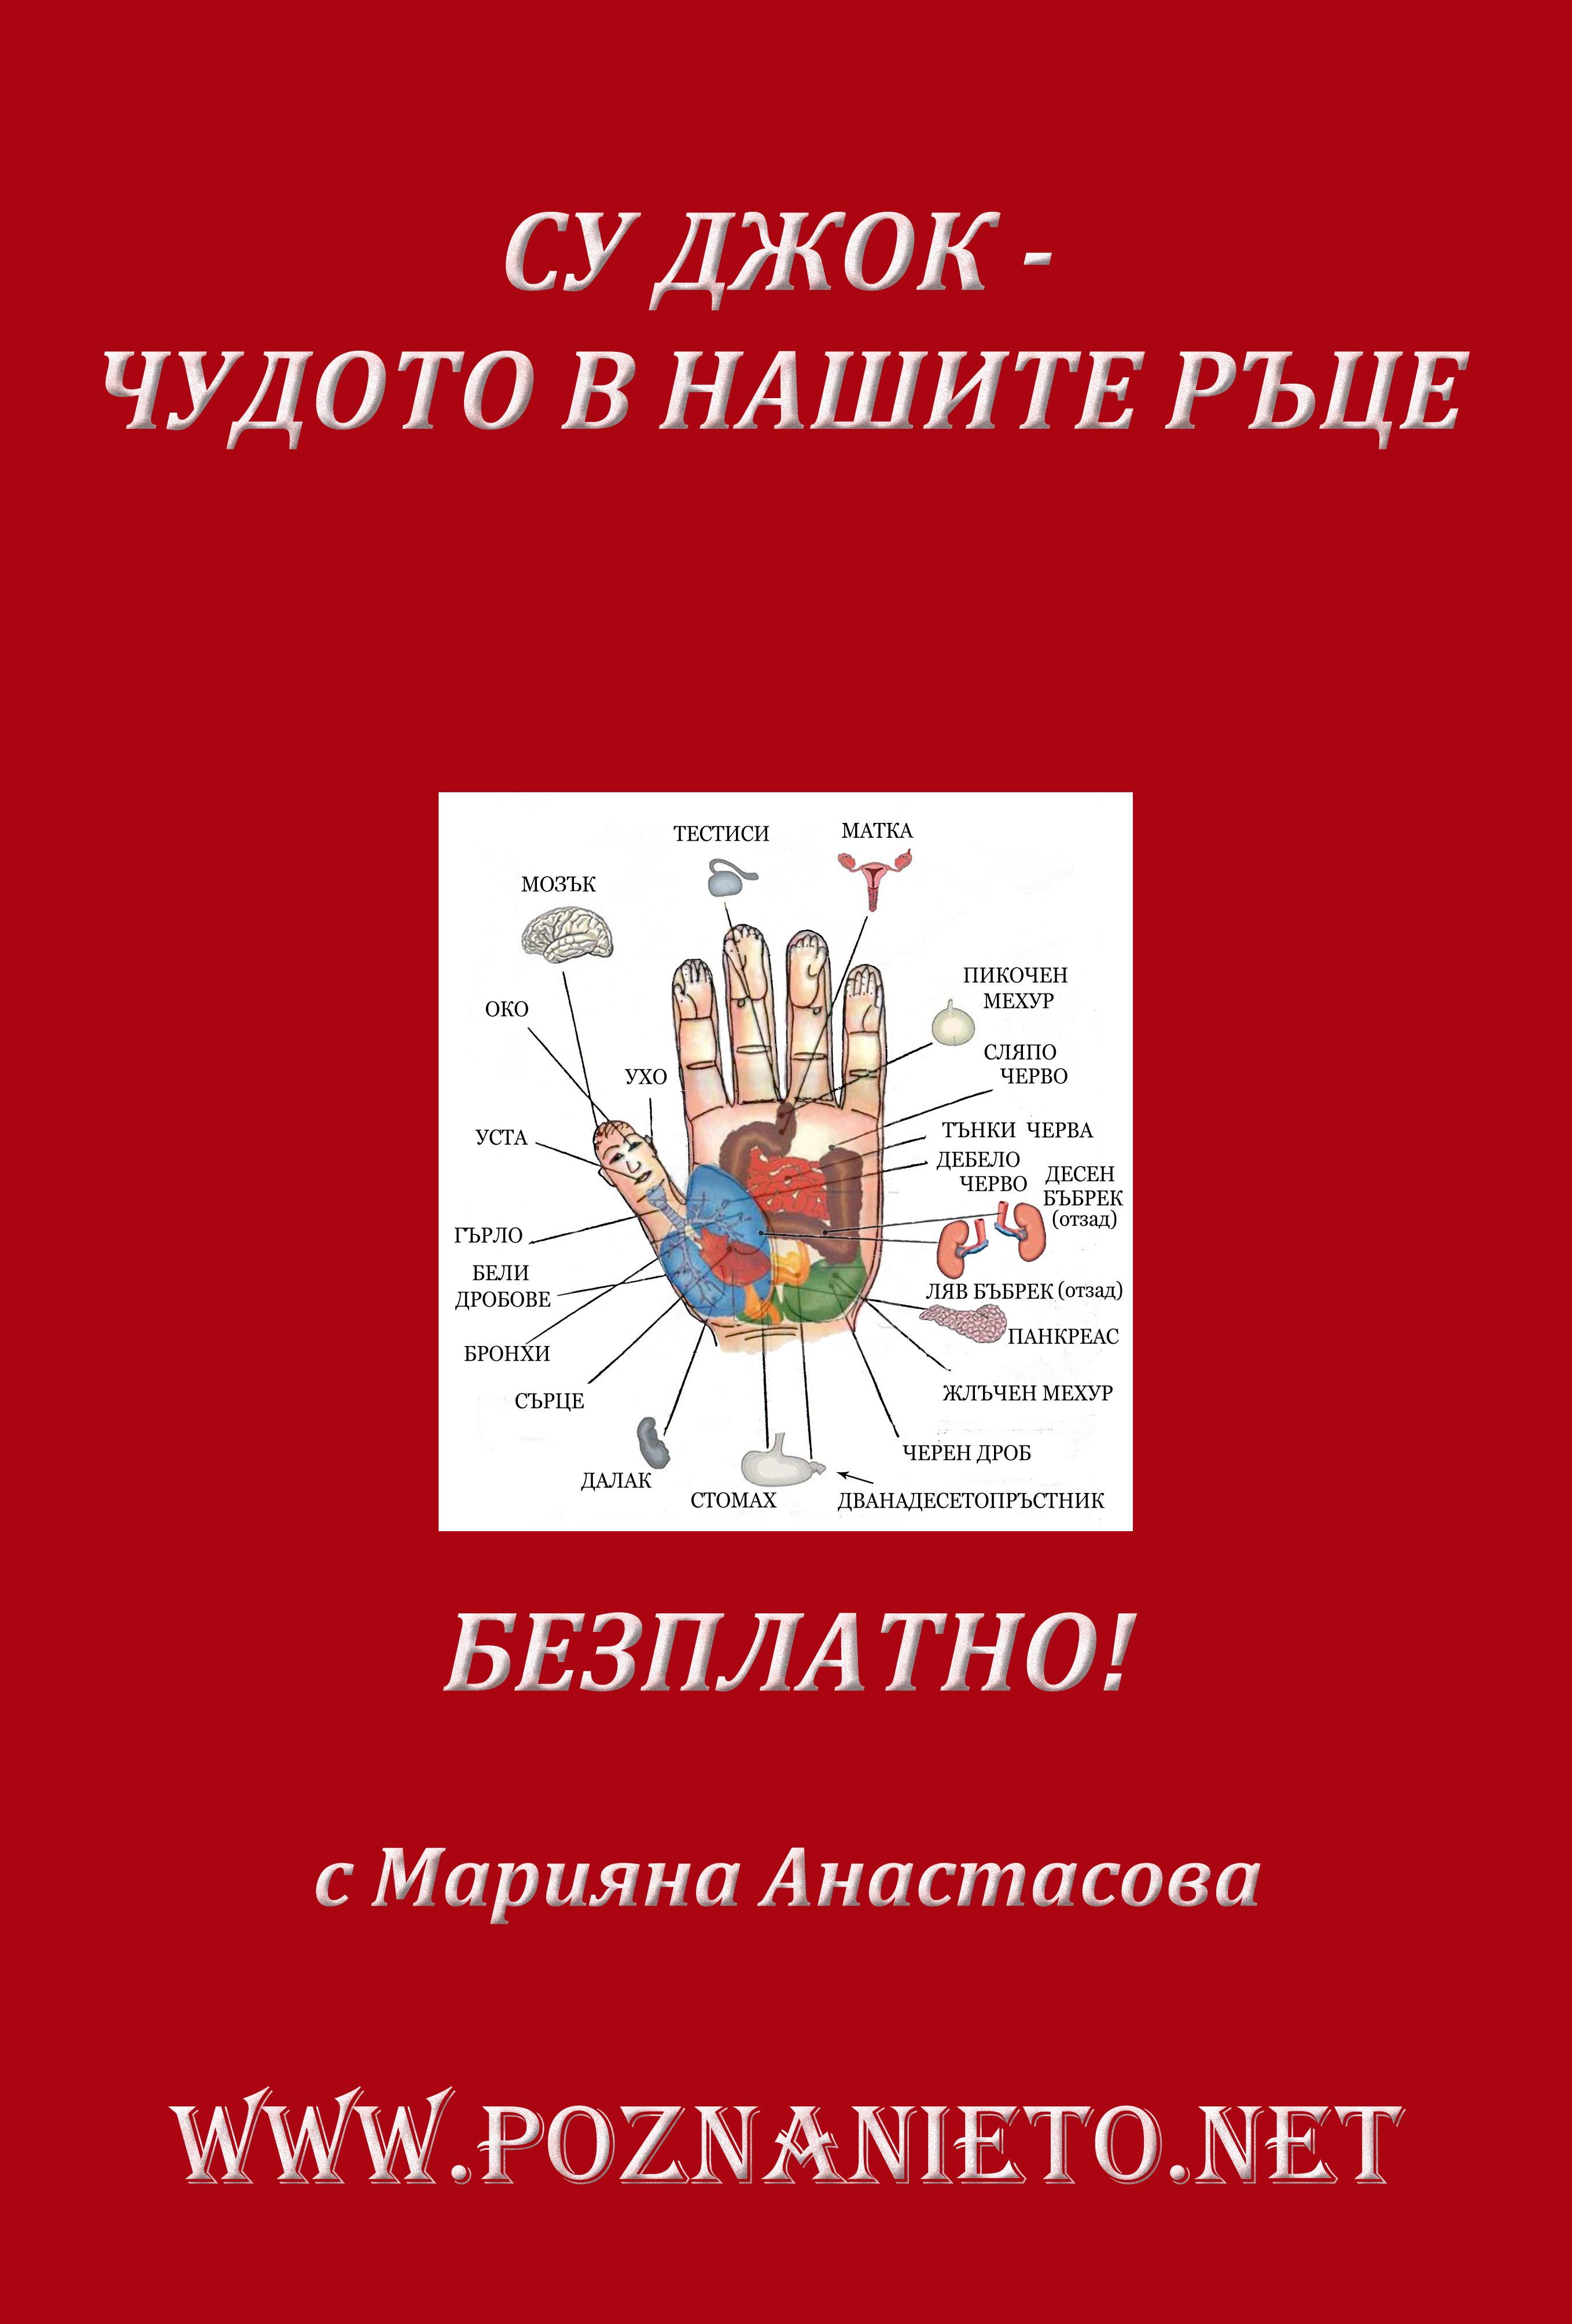 СУ-ДЖОК copy2